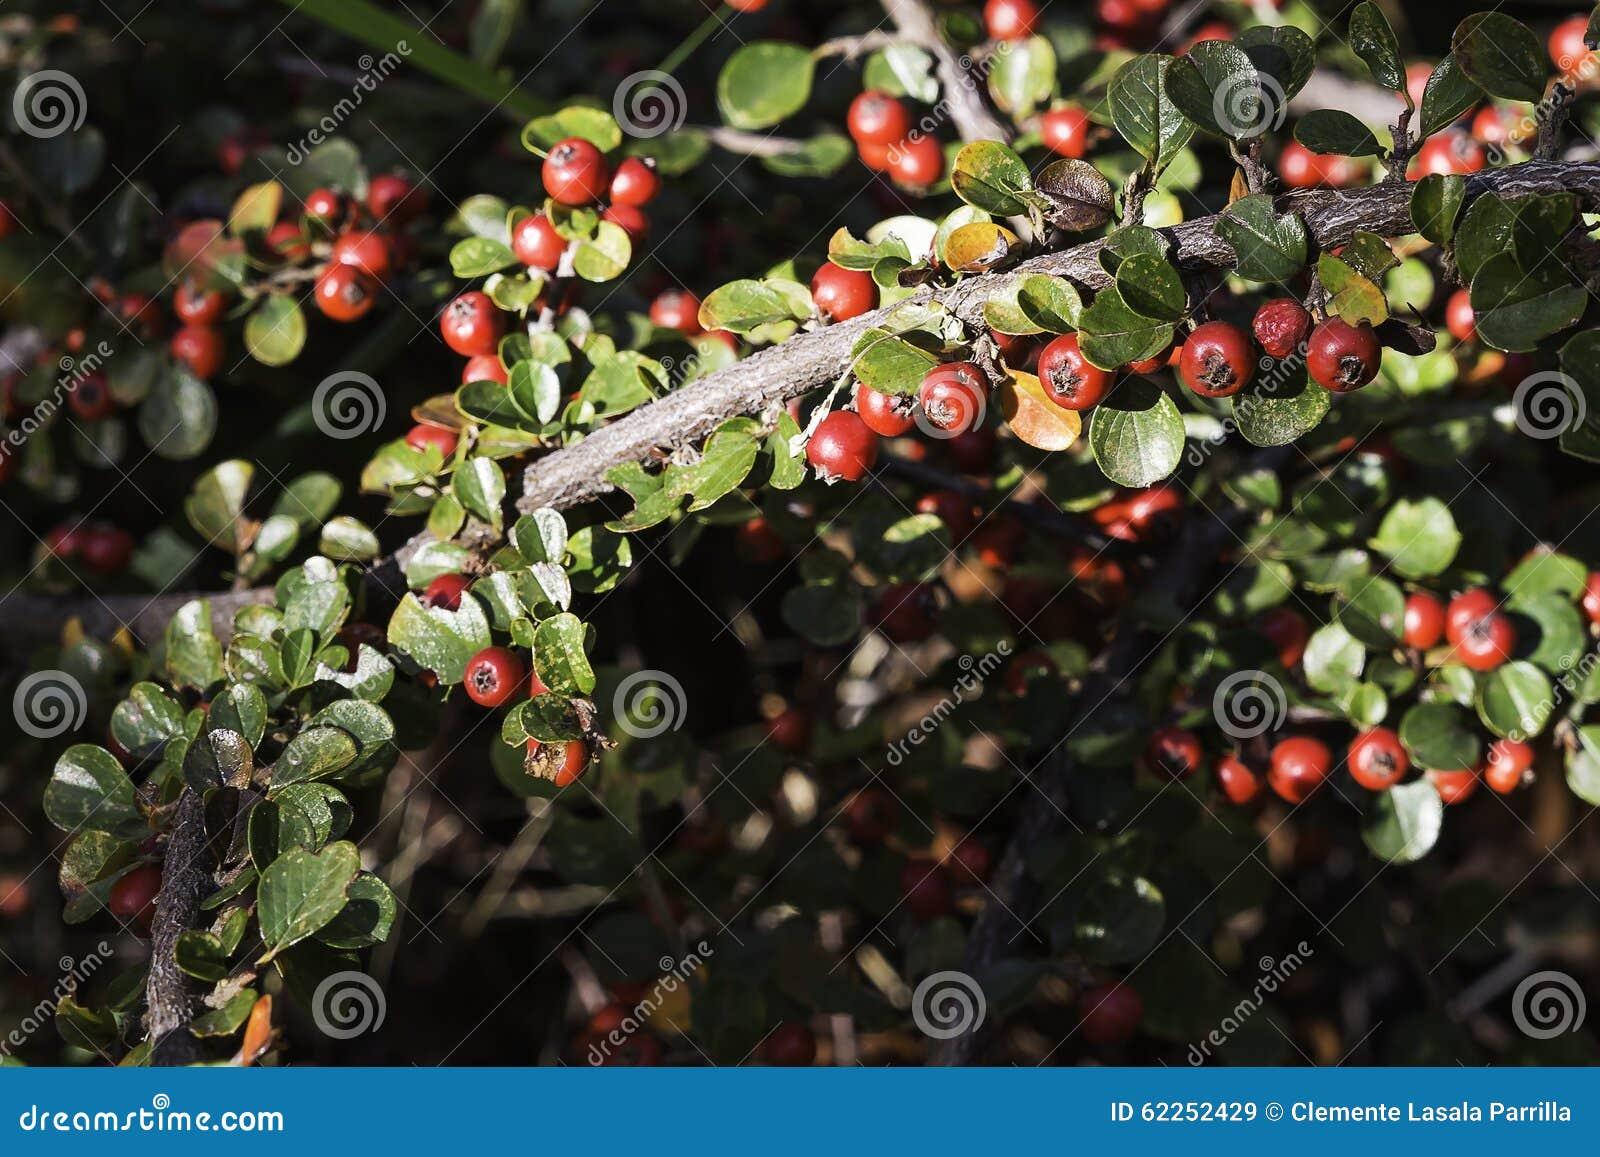 arbuste des fruits rouges cognassier du japon d 39 aucuba photo stock image 62252429. Black Bedroom Furniture Sets. Home Design Ideas